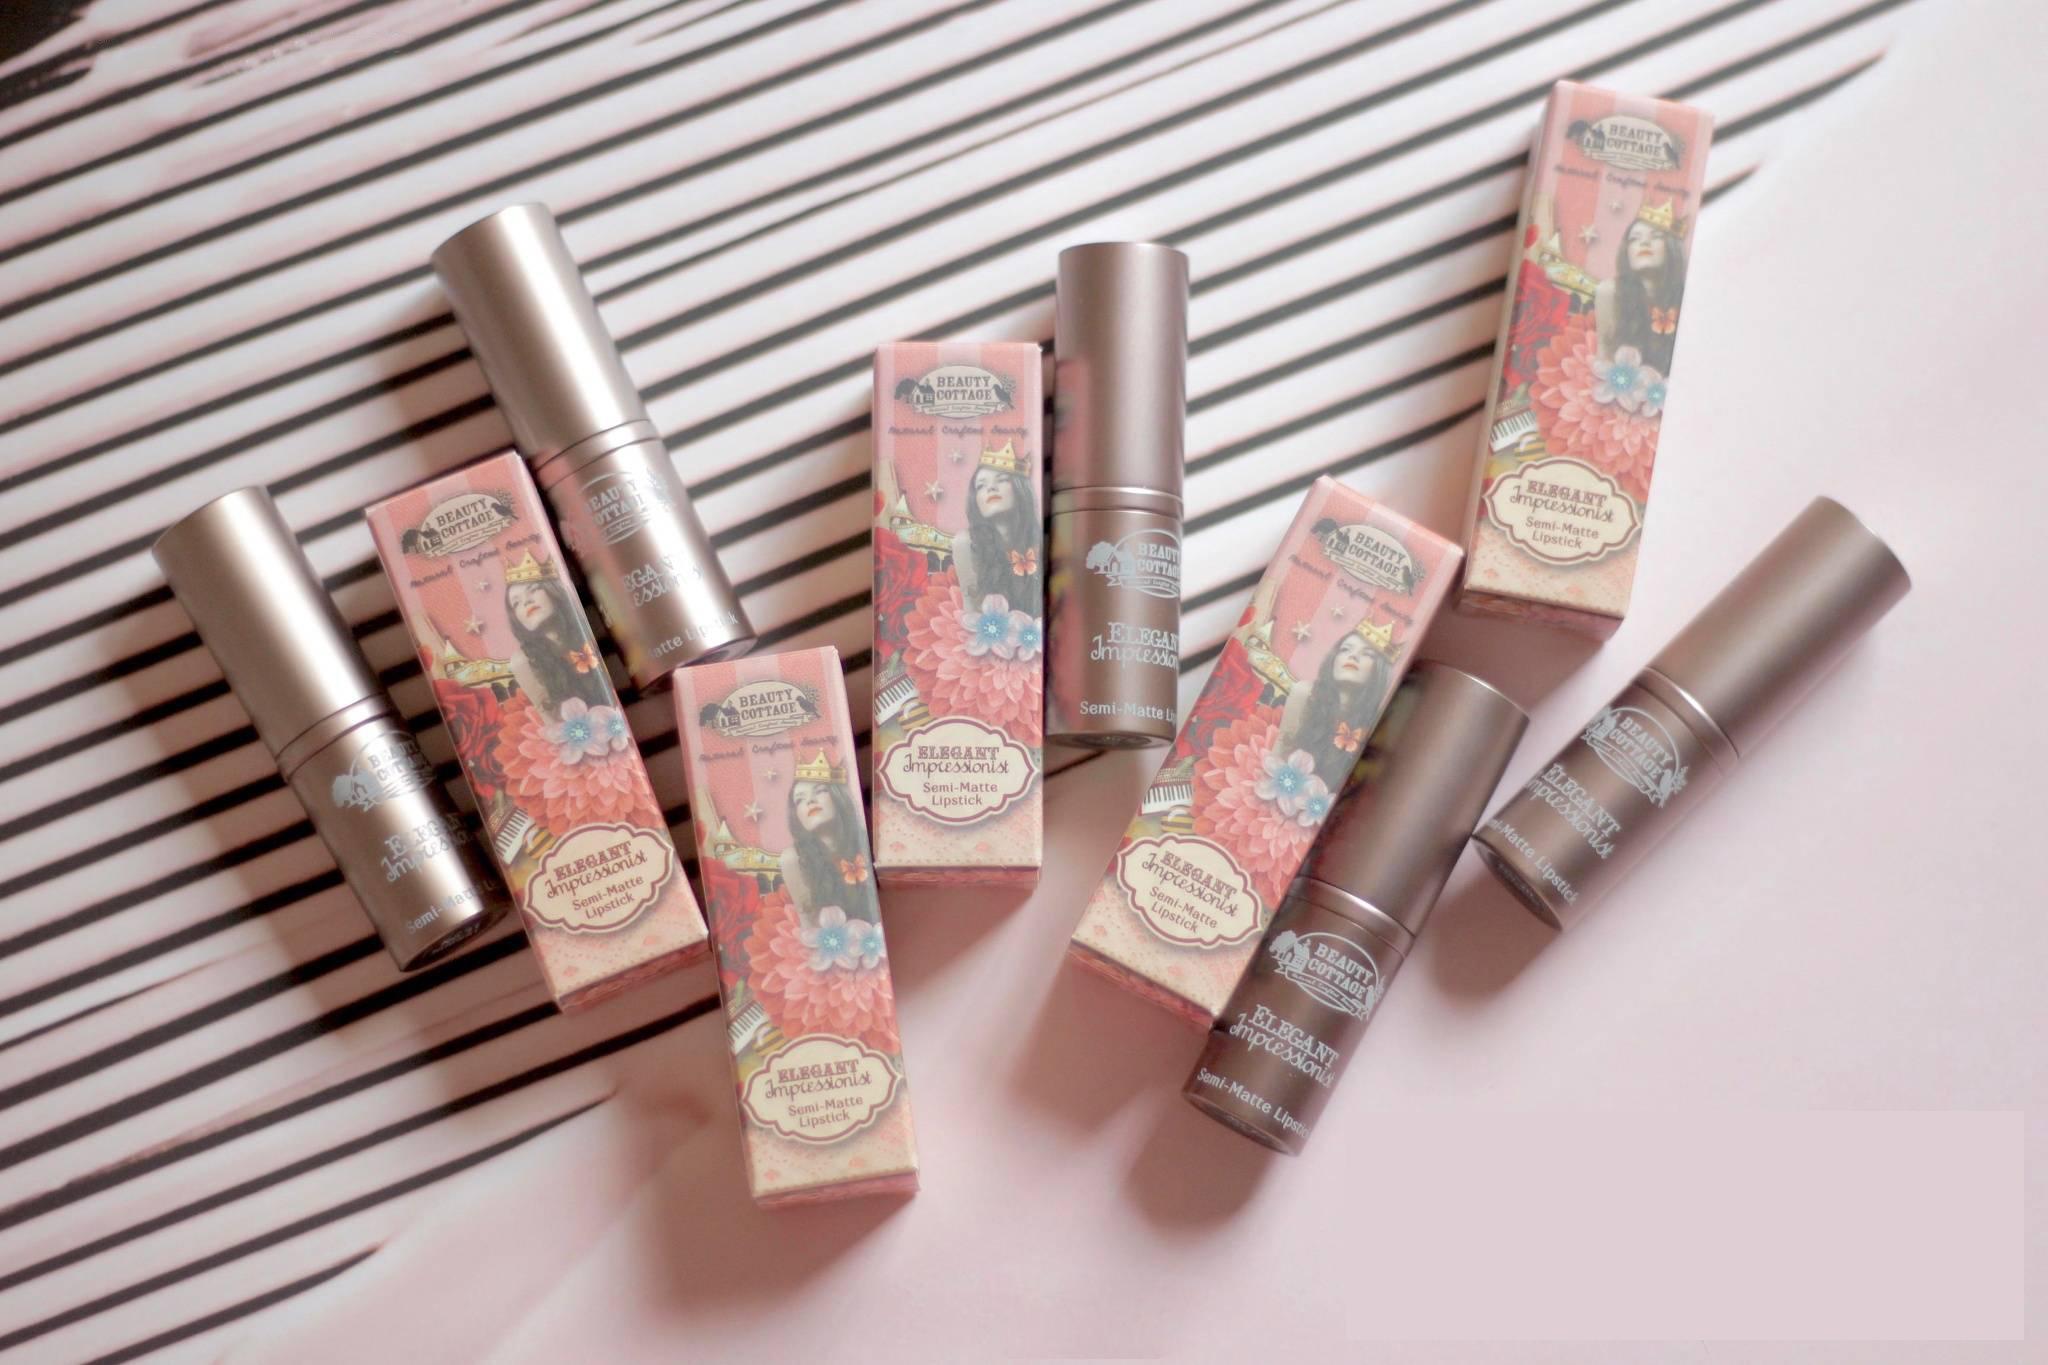 盘点超好用的泰国彩妆和护肤品,轻松解决痘痘肌,肌肤滑嫩水灵灵